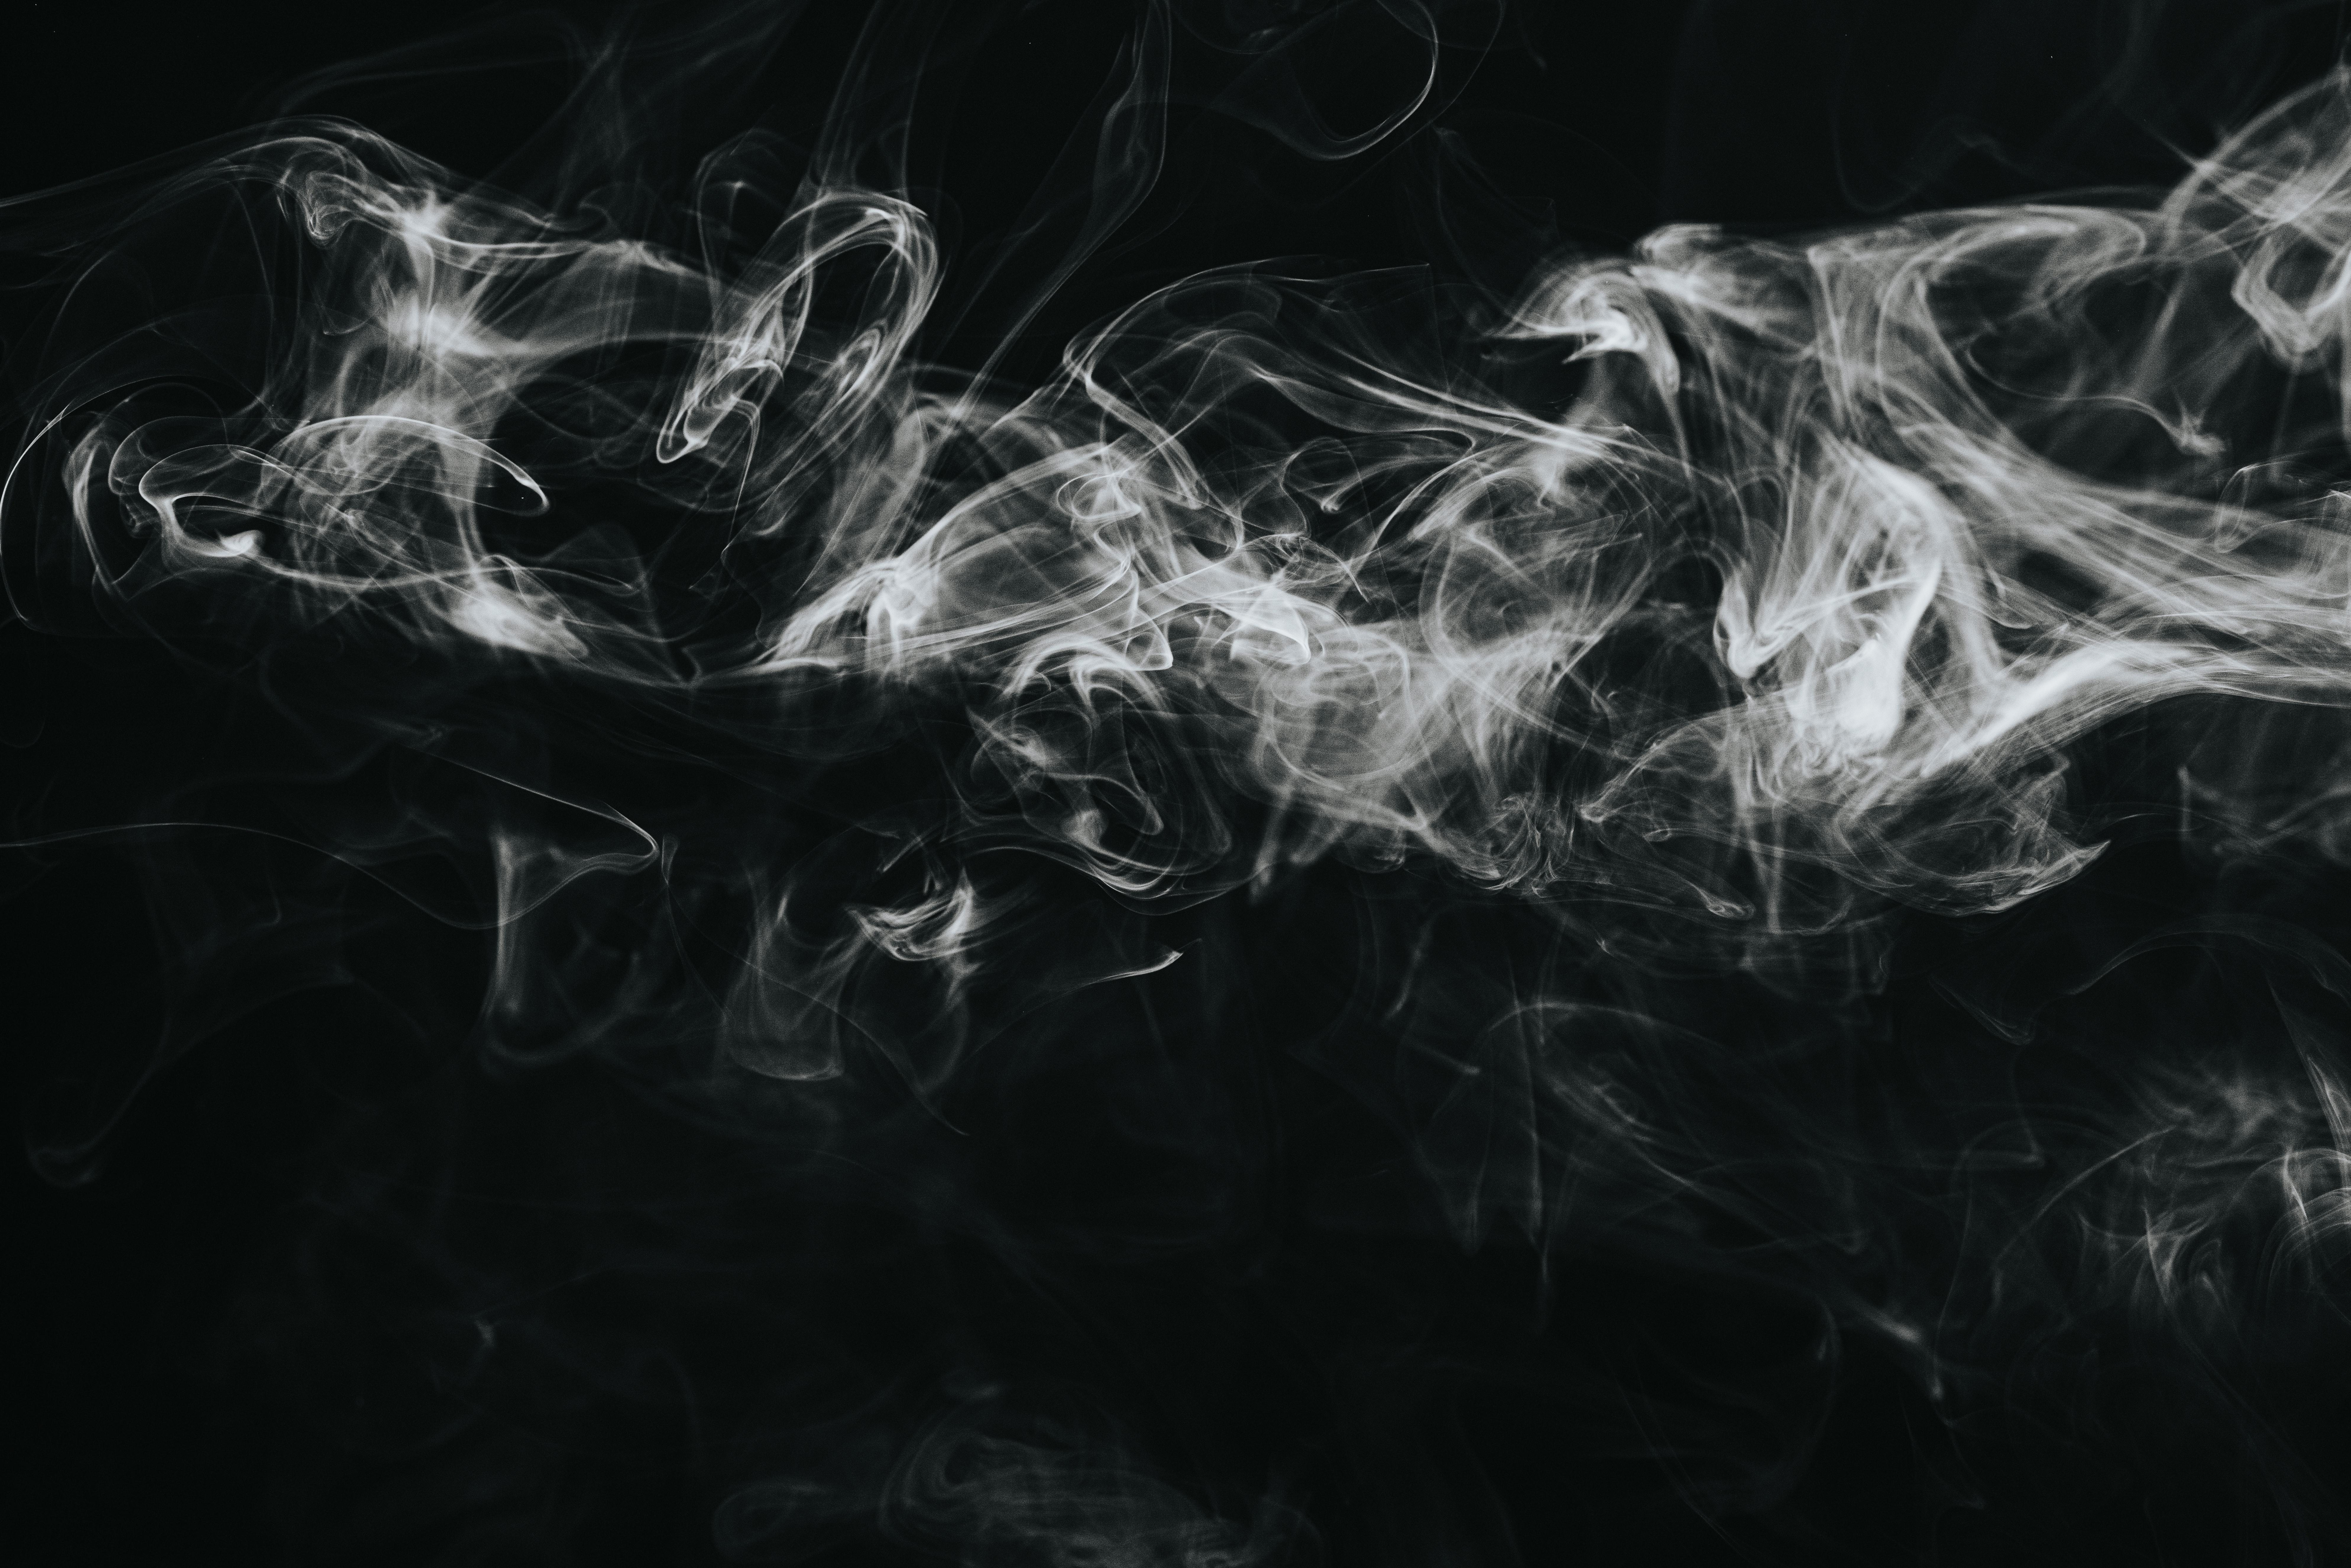 153537 baixar papel de parede Abstrato, Nuvem, Preto E Branco, Preto-E-Branco, Bw, Chb, Fumar - protetores de tela e imagens gratuitamente